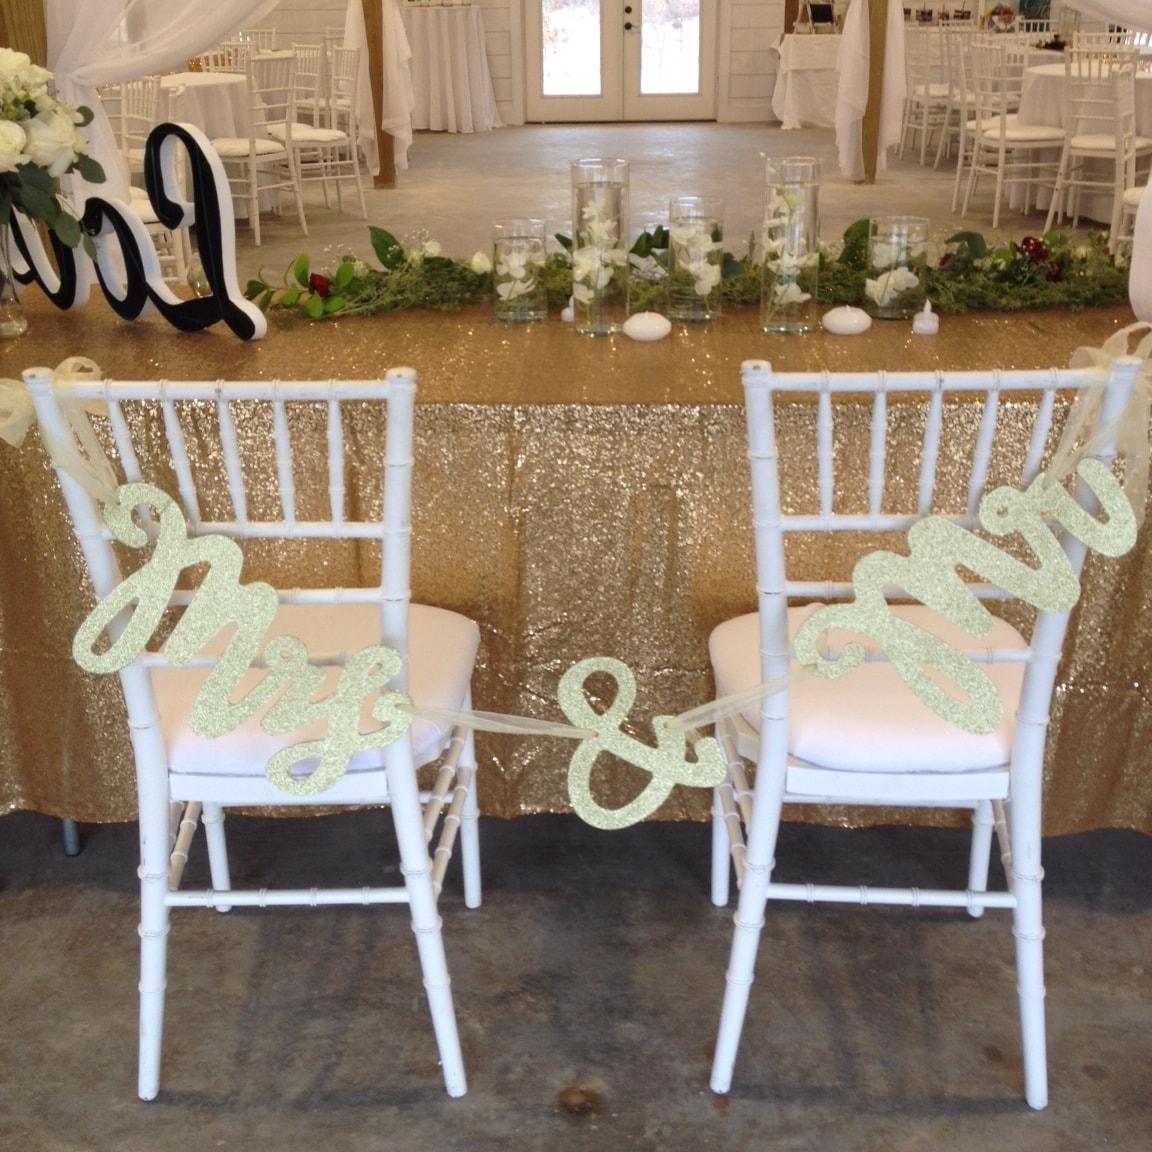 Harwood Mefford Wedding Dream Point Ranch Tulsa Wedding Venue 9-min.JPG